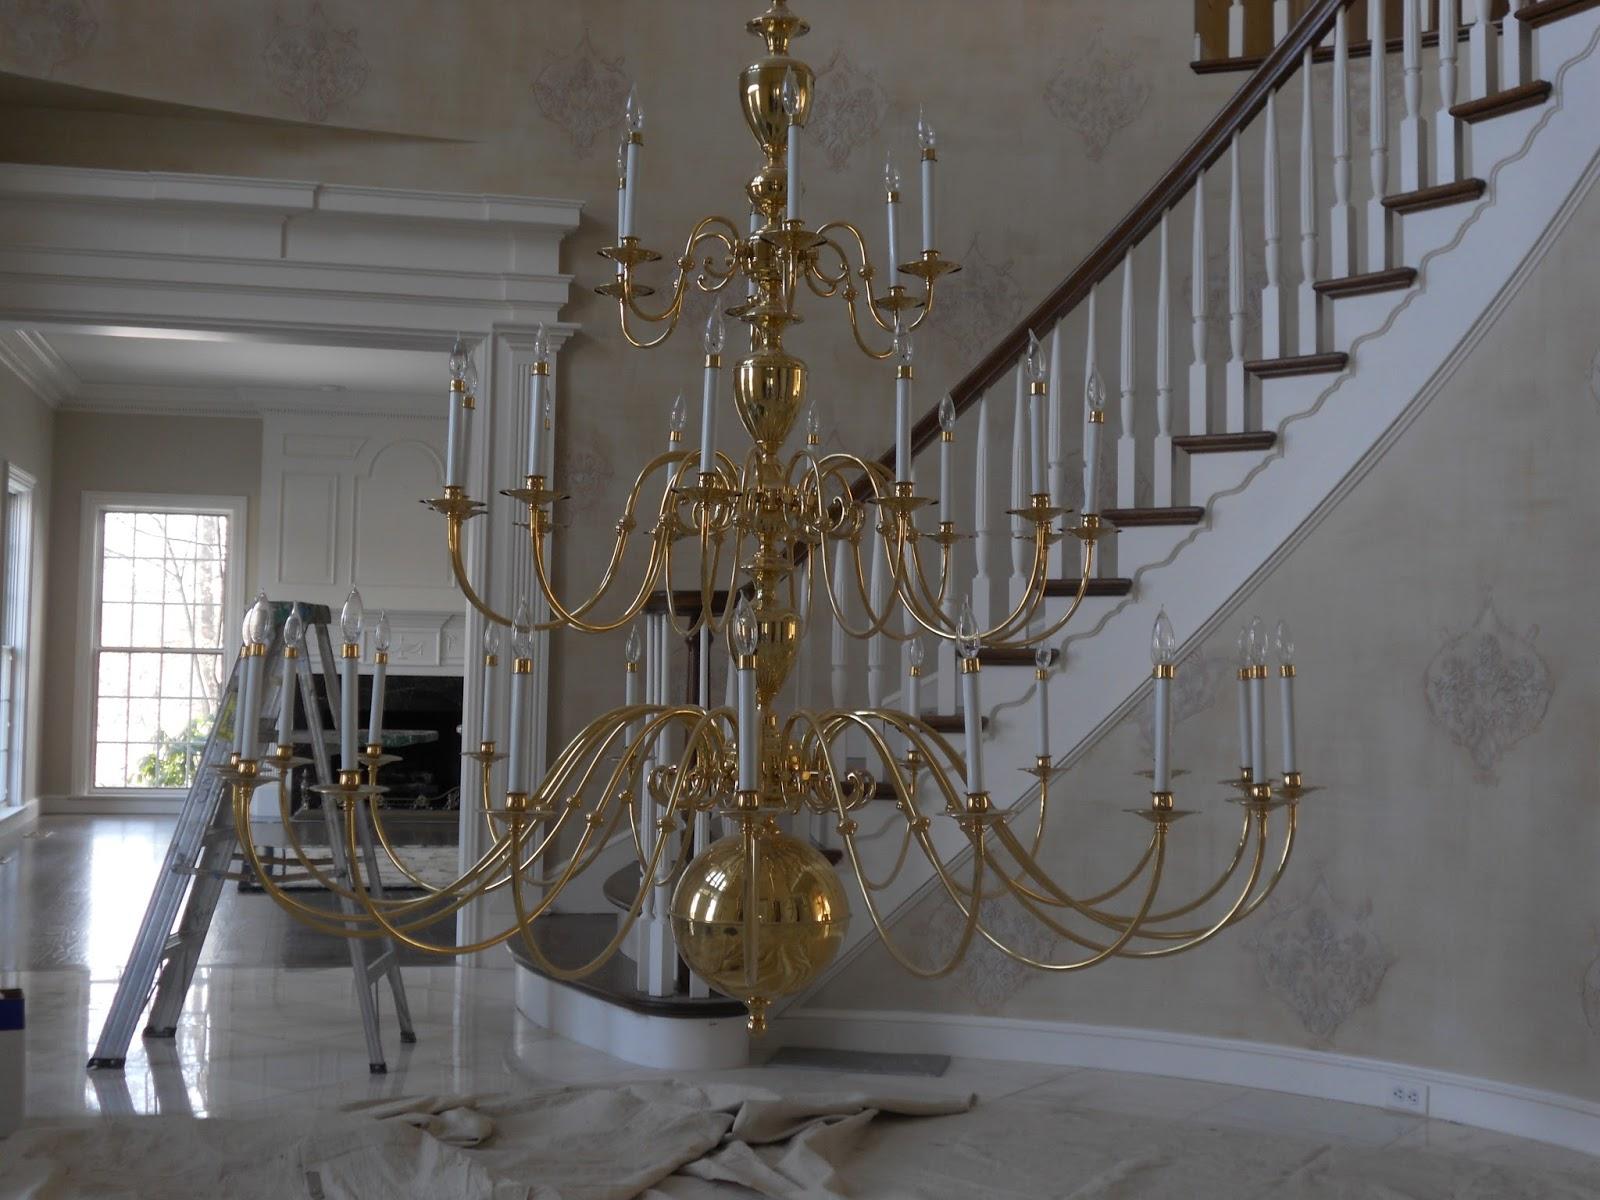 Refinish Bright Brass Chandelier